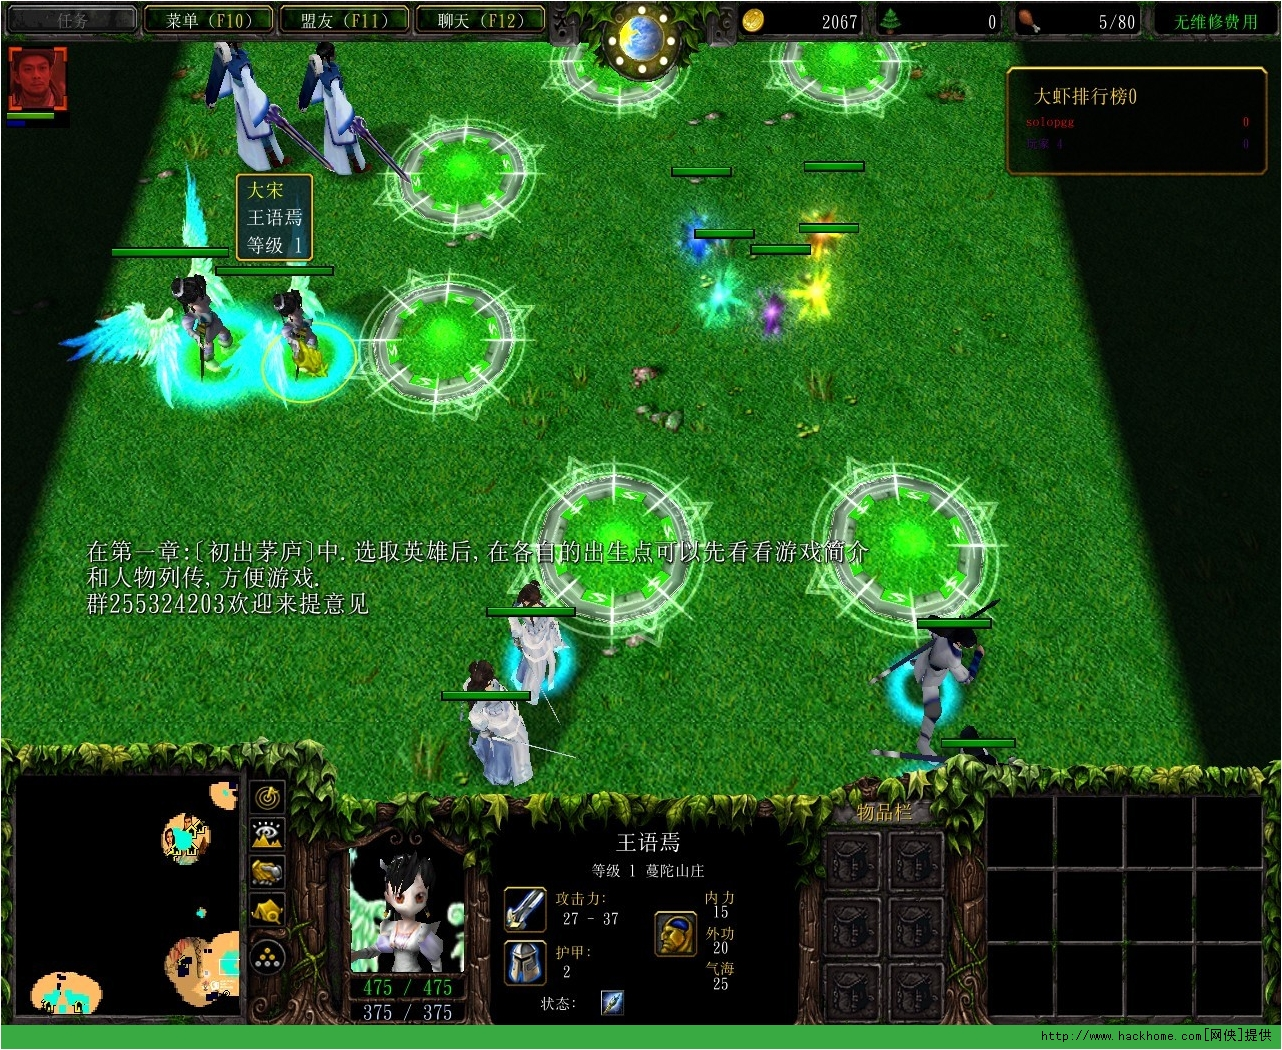 魔兽rpg地图 新天龙八部测试版